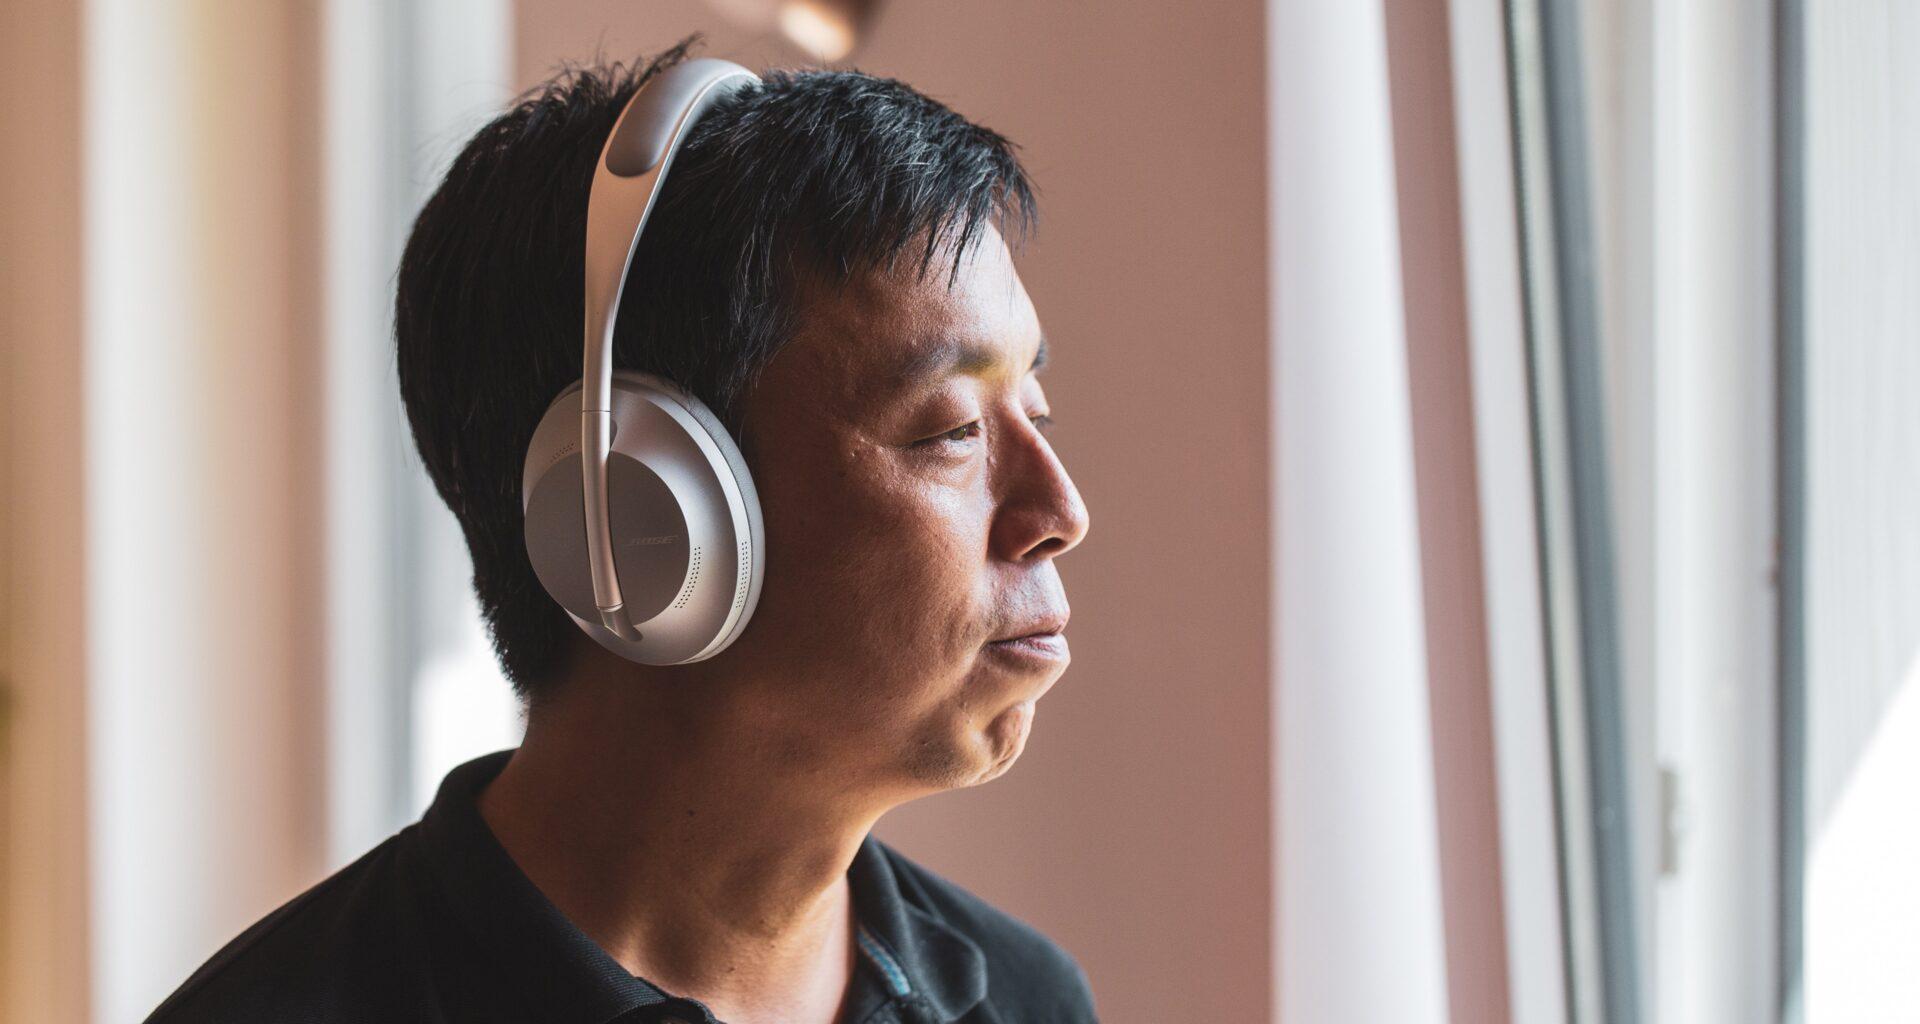 Les meilleurs casques anti-bruit de 2021, ne compte que la musique - www.heavybull.com